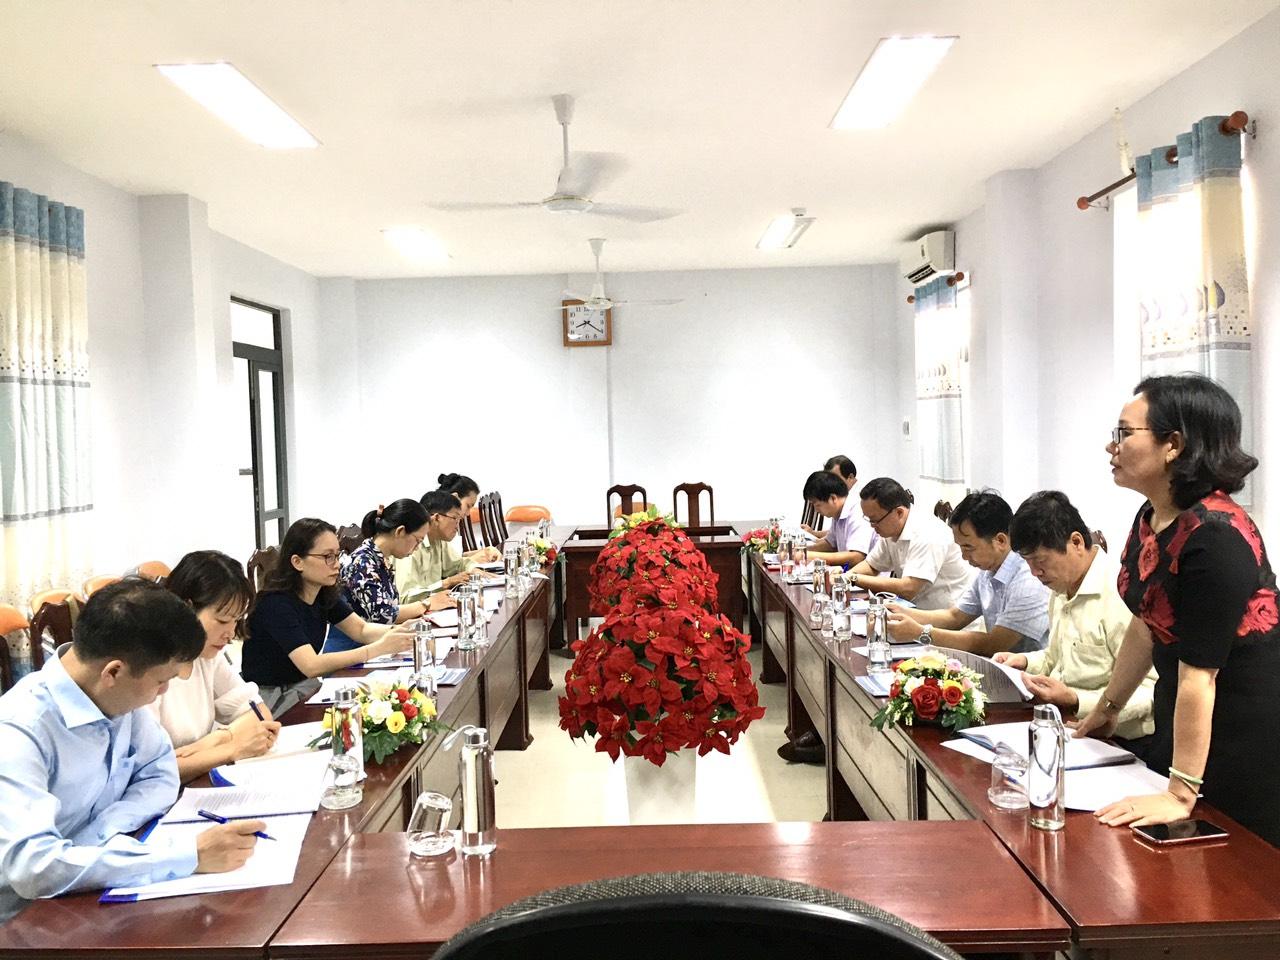 Điều tra, khảo sát đề tài khoa học và công nghệ cấp Bộ  năm 2021 – 2022 tại tỉnh Phú Yên, Khánh Hòa